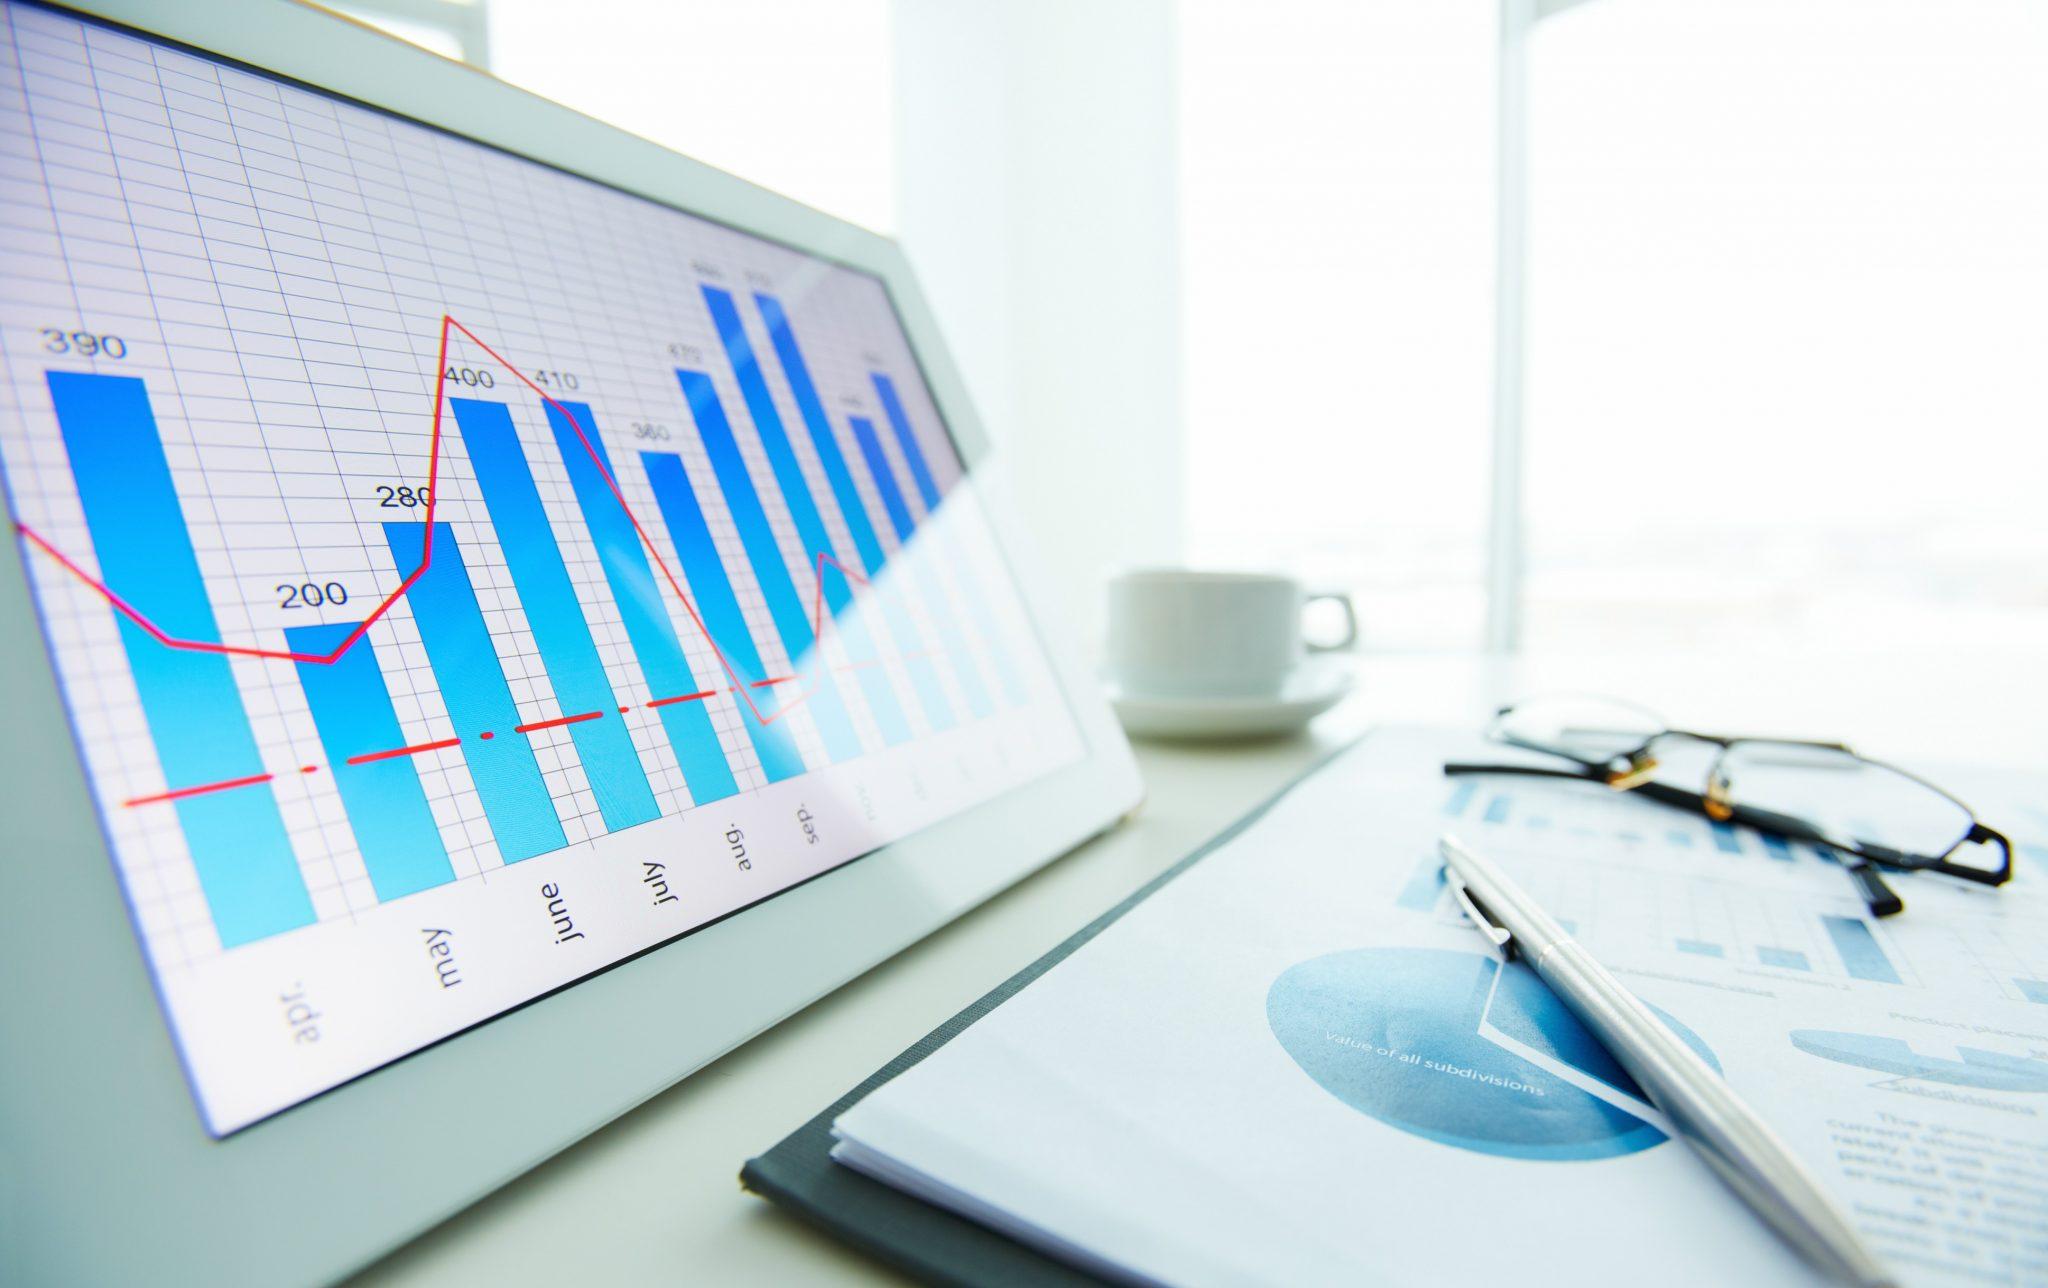 IQVIA publica dados de mercado farmacêutico em dezembro